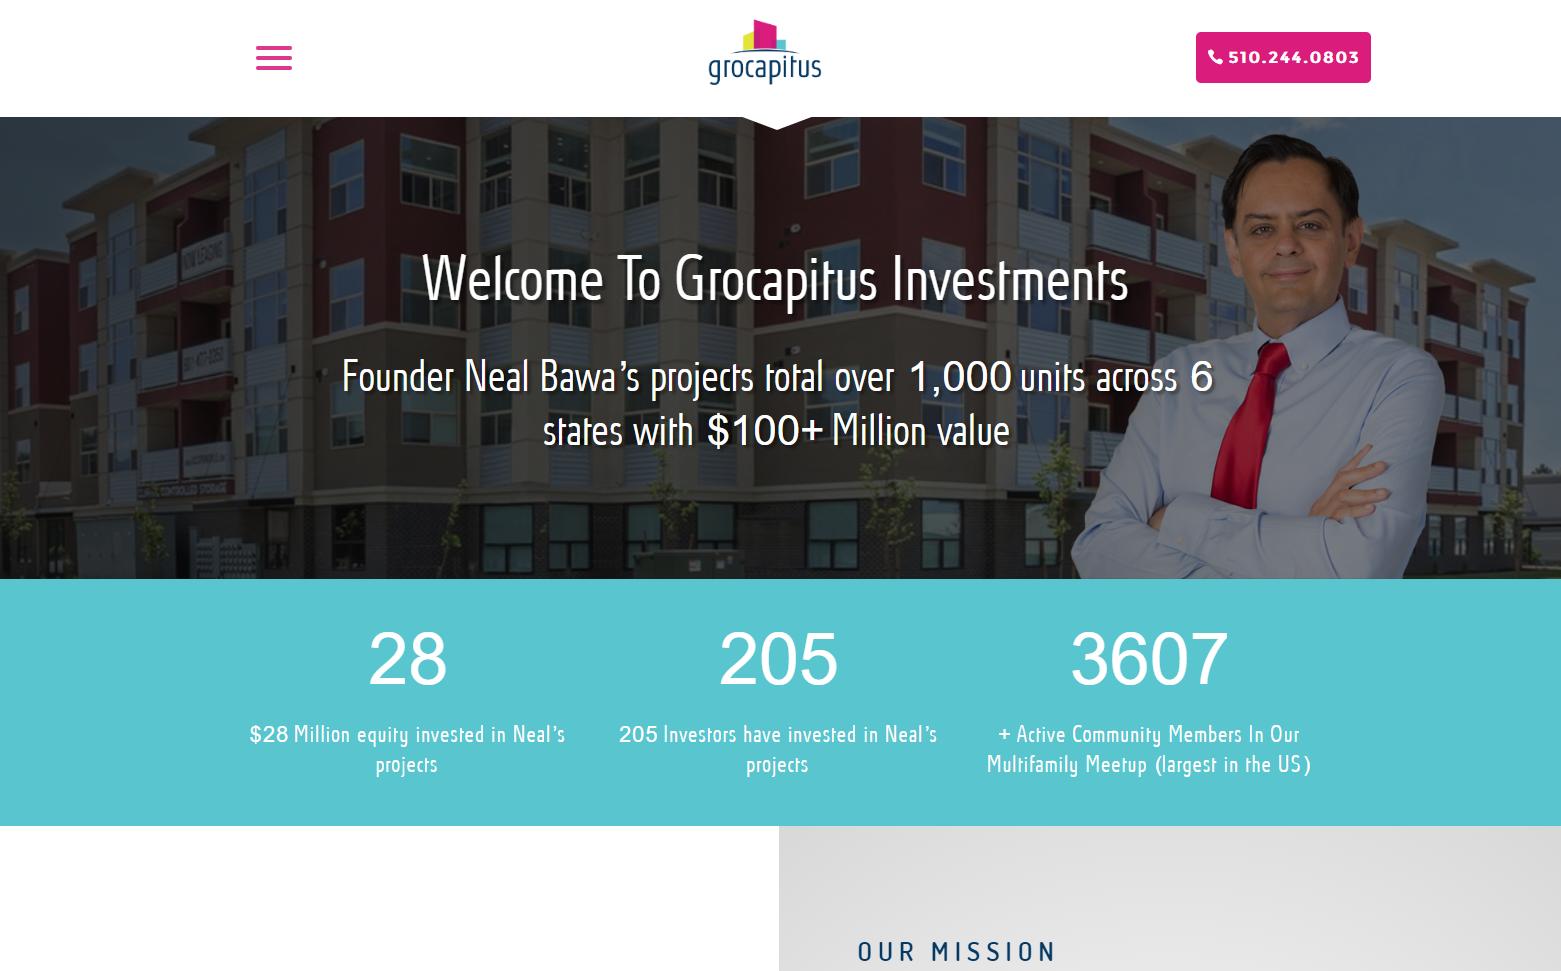 Grocapitus - Corporate Branding & Website